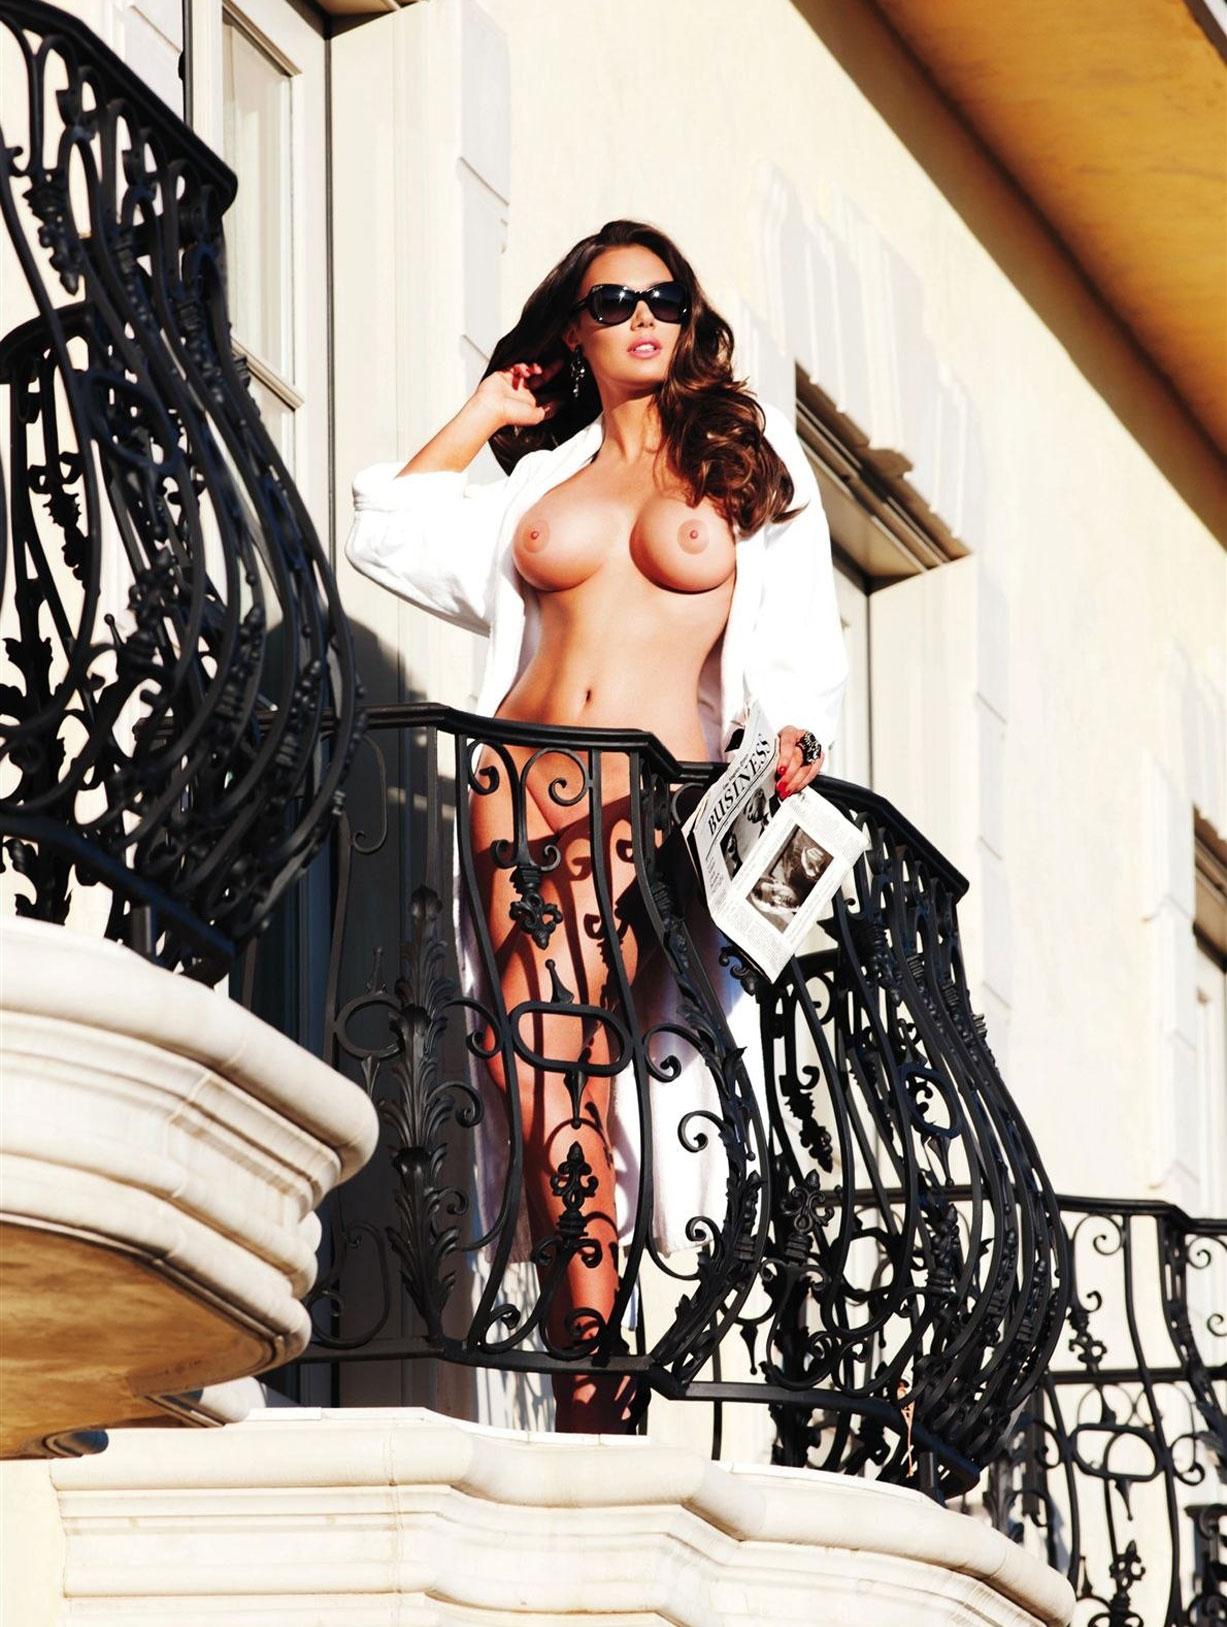 подборка фотографий сексуальных голых девушек - Tamara Ecclestone